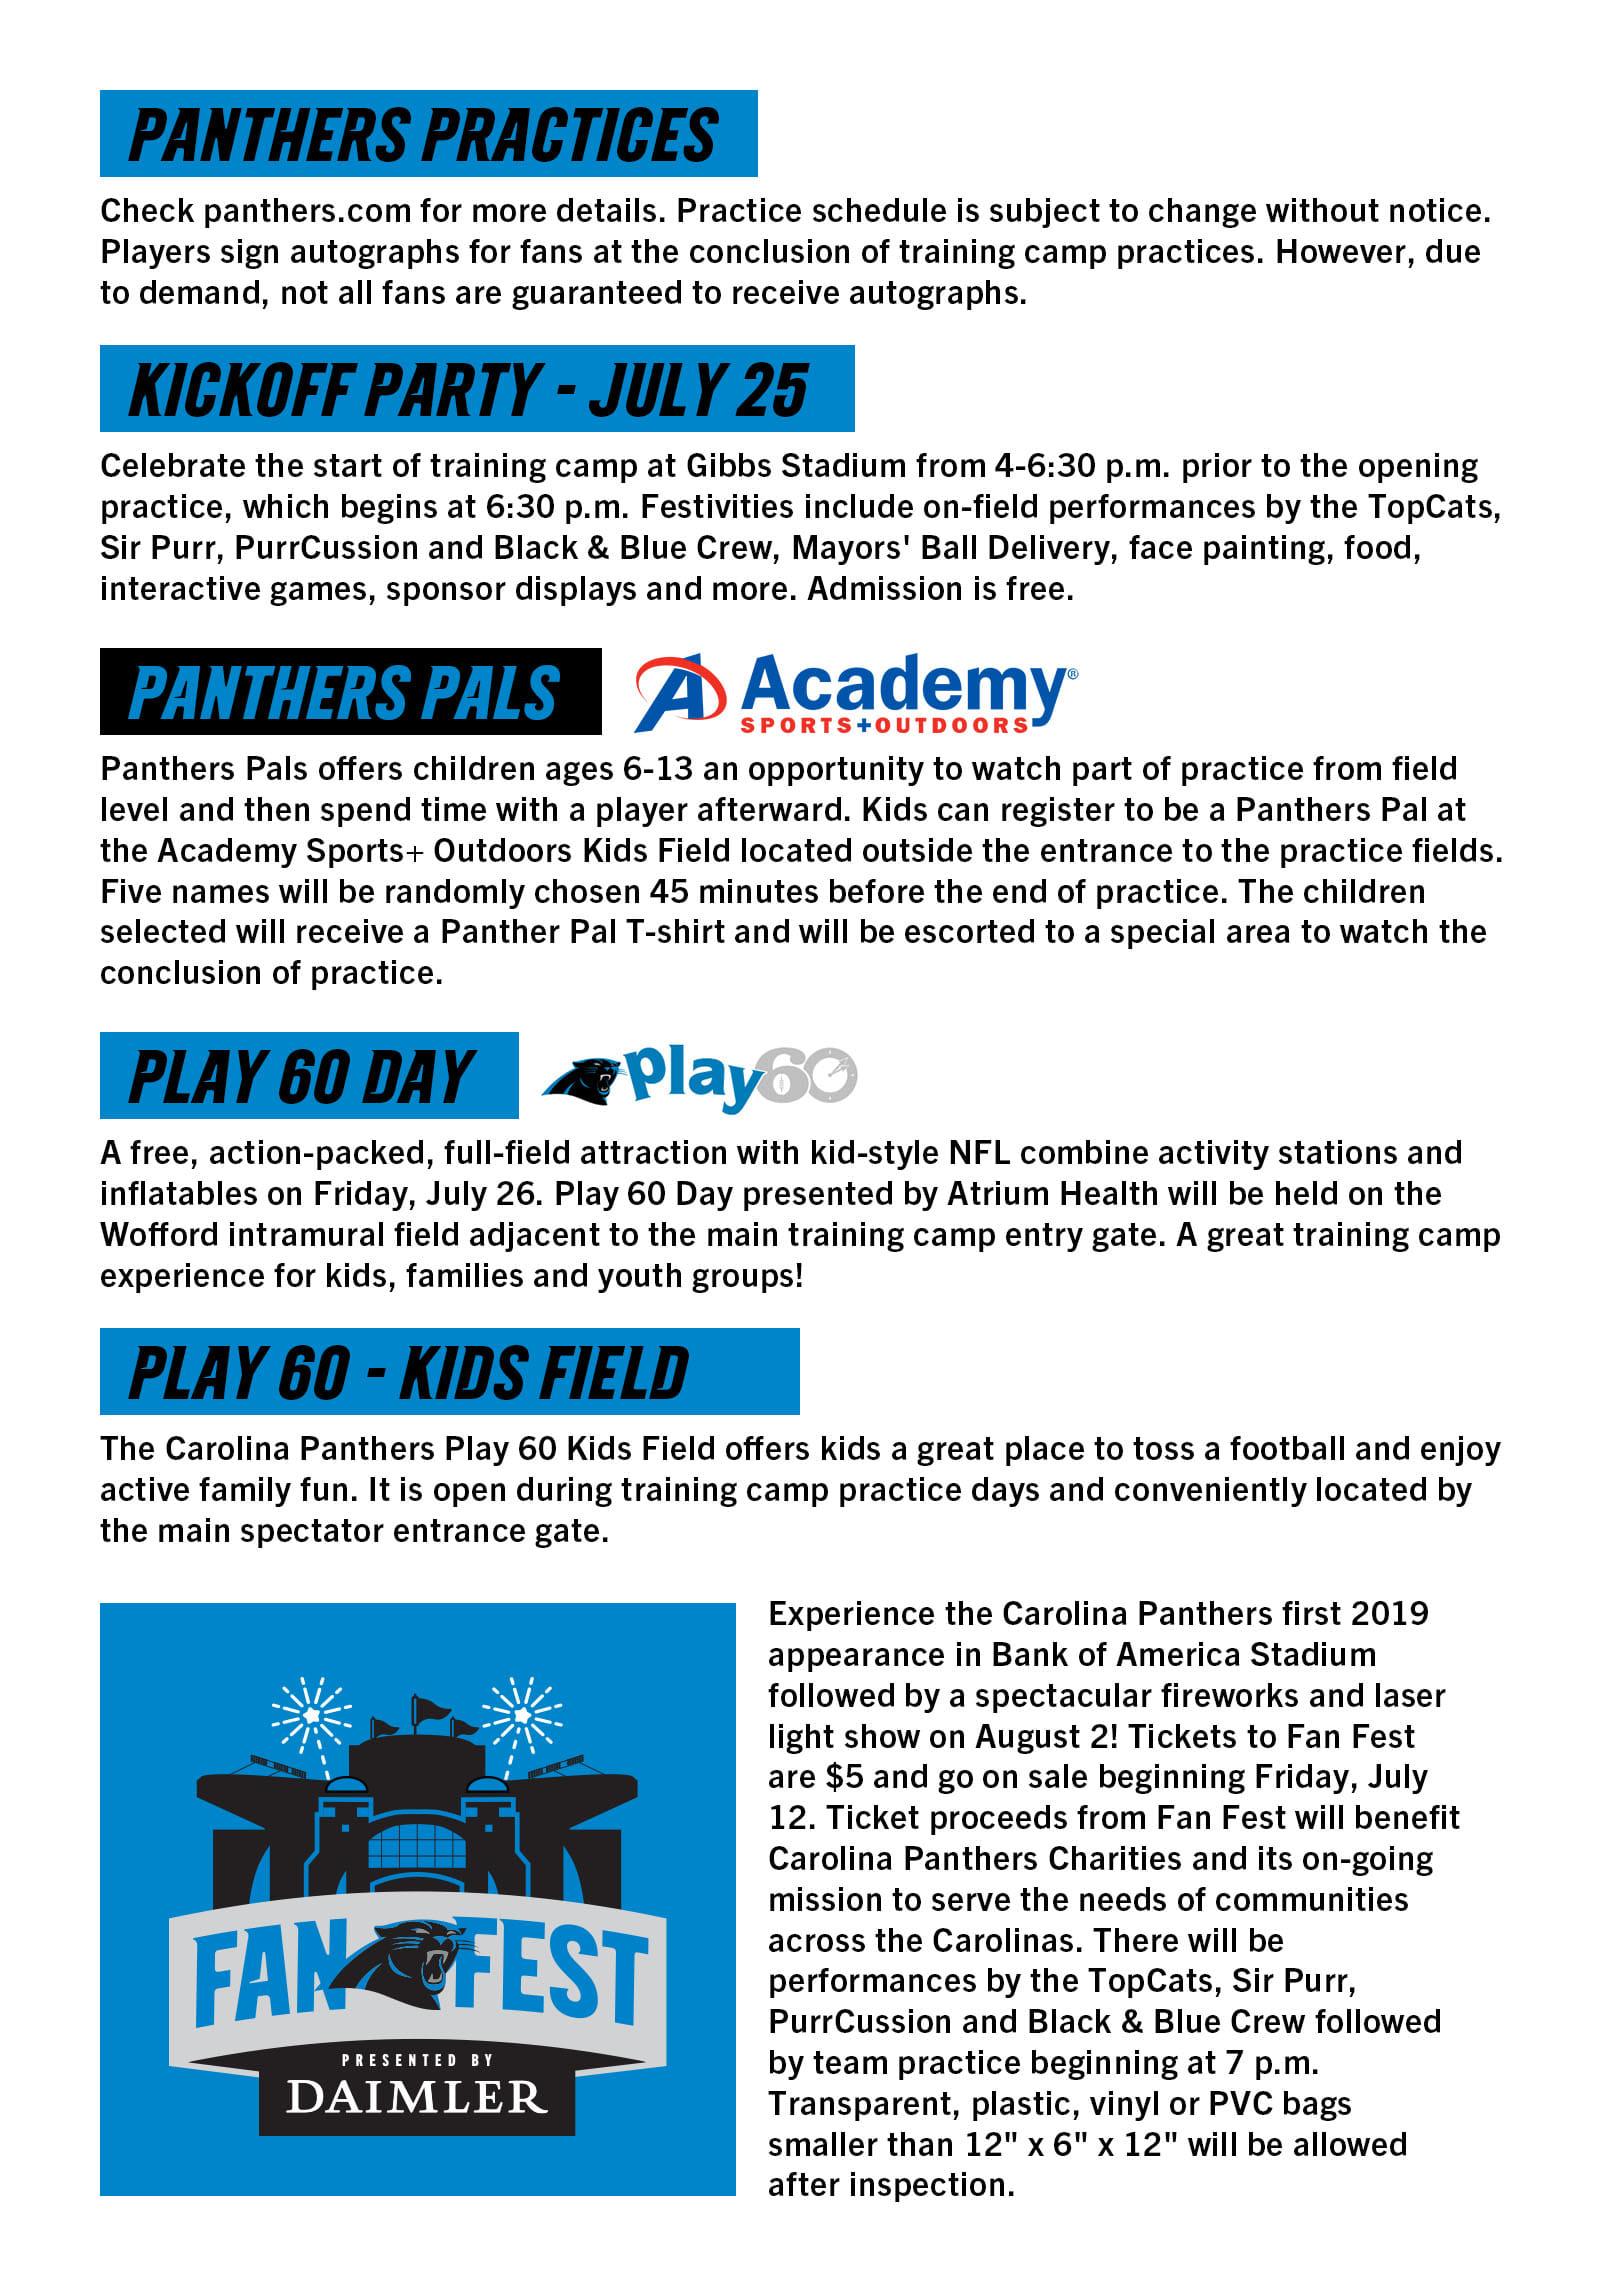 Panthers Training Camp | Carolina Panthers - Panthers com